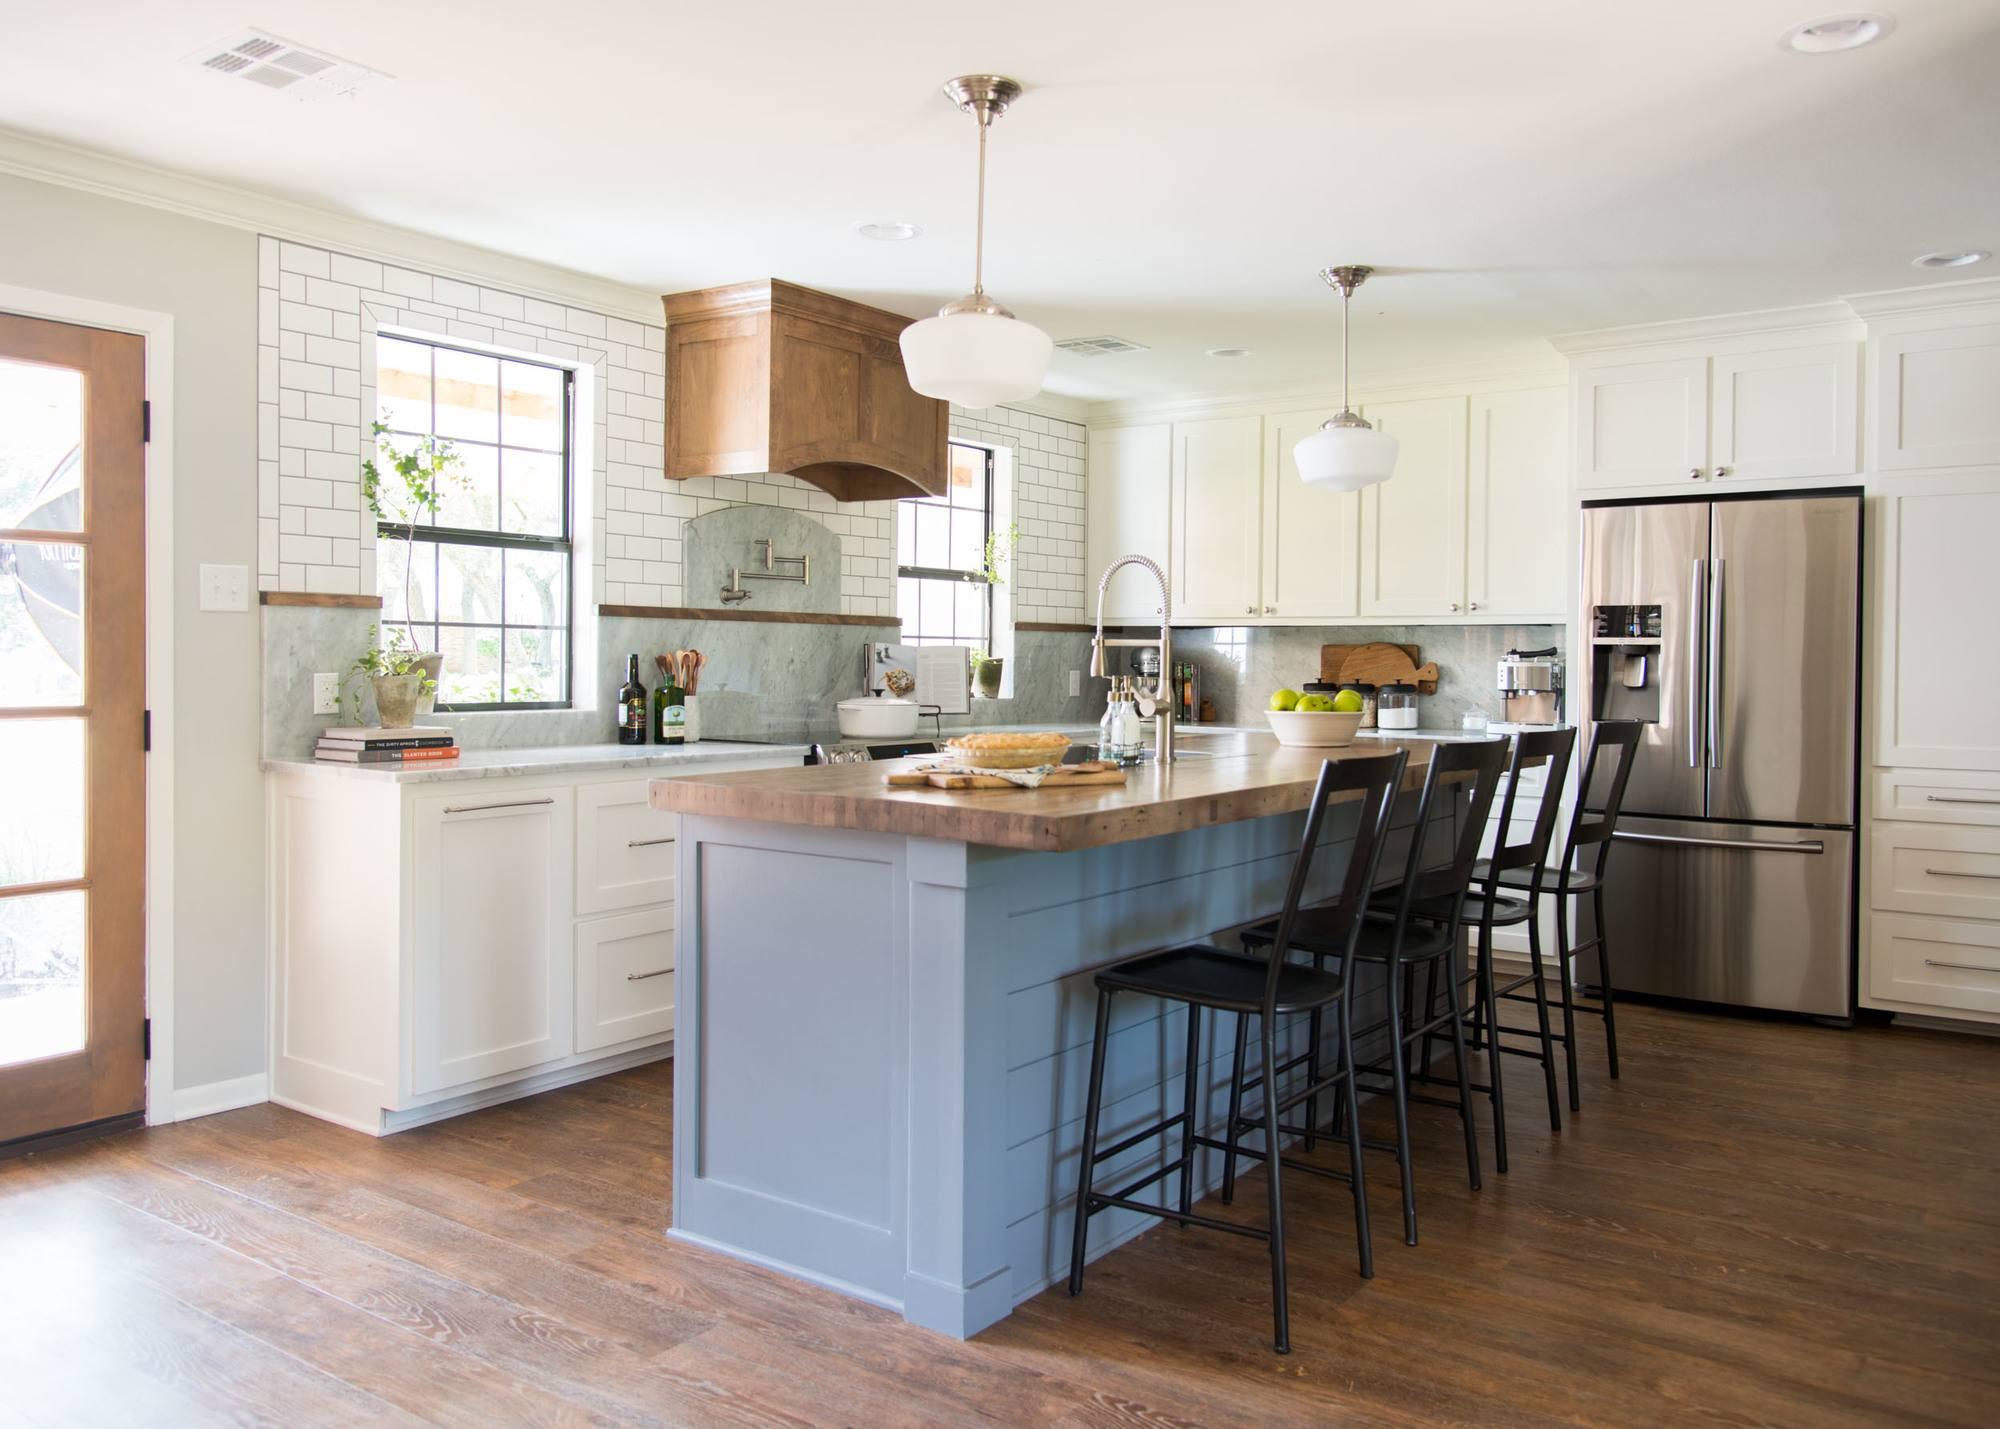 Seven Farmhouse Kitchen Designs - Hallstrom Home on Farmhouse Kitchen Ideas  id=14713